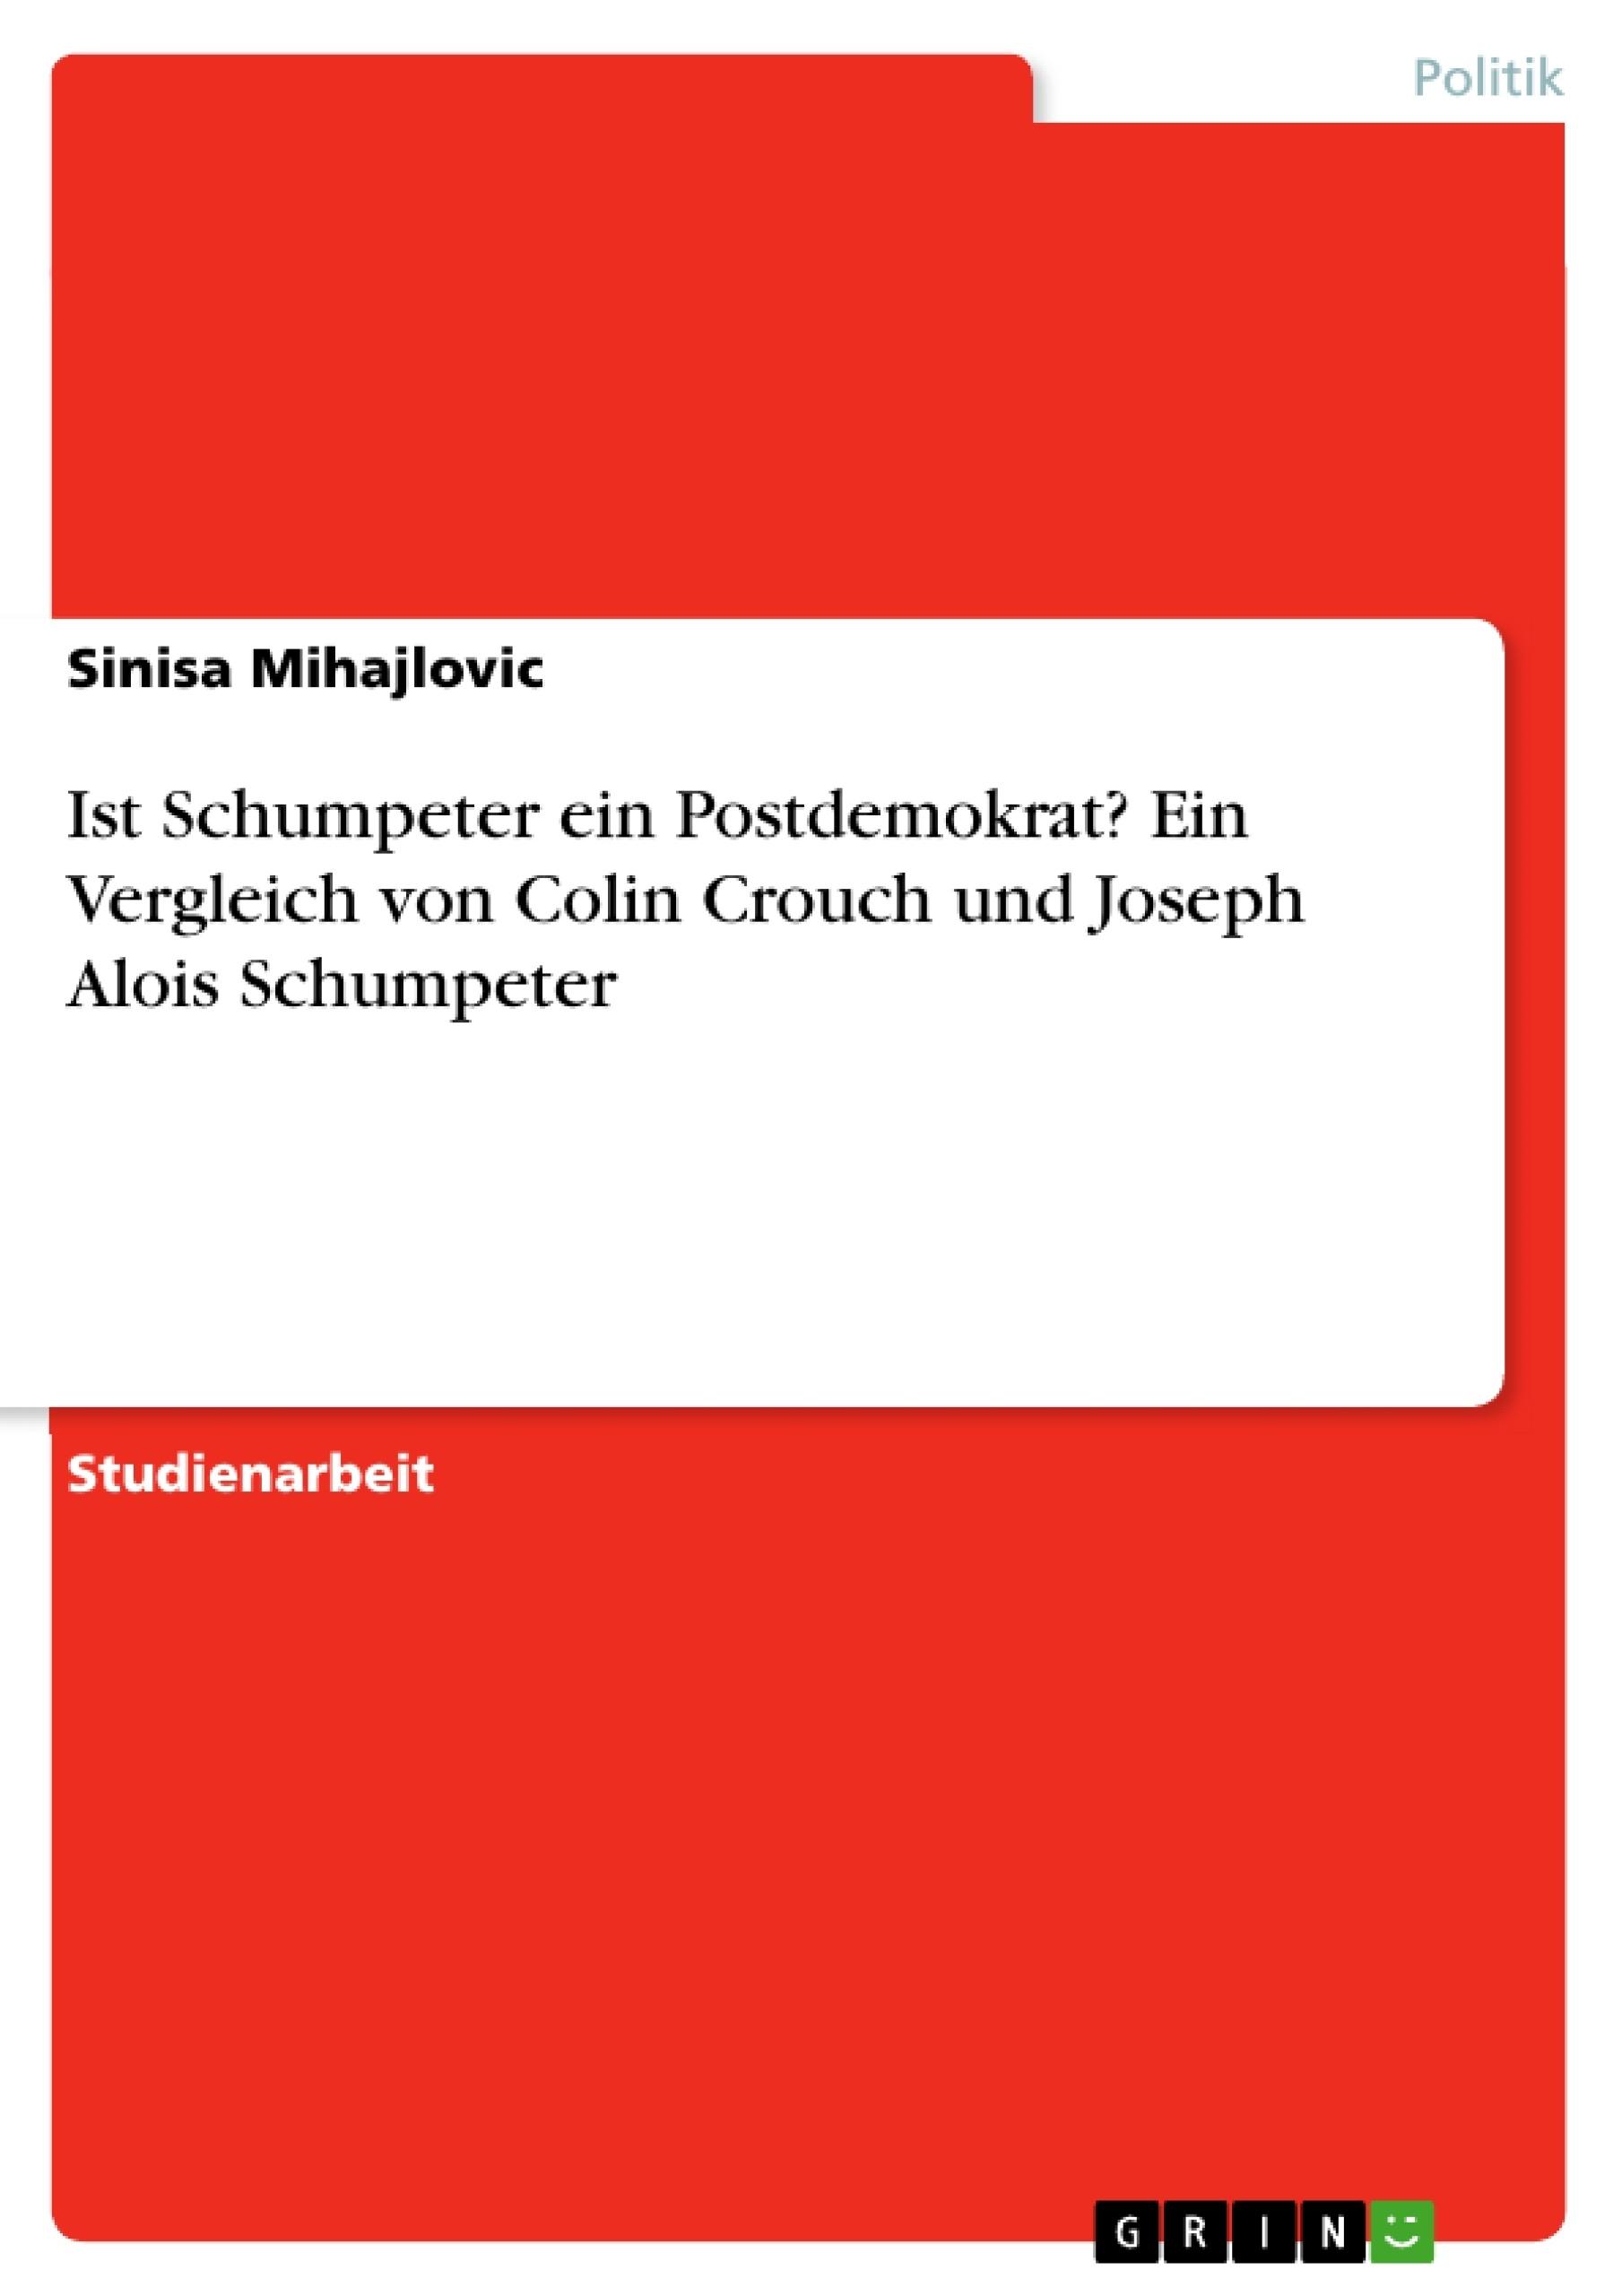 Titel: Ist Schumpeter ein Postdemokrat? Ein Vergleich von Colin Crouch und Joseph Alois Schumpeter